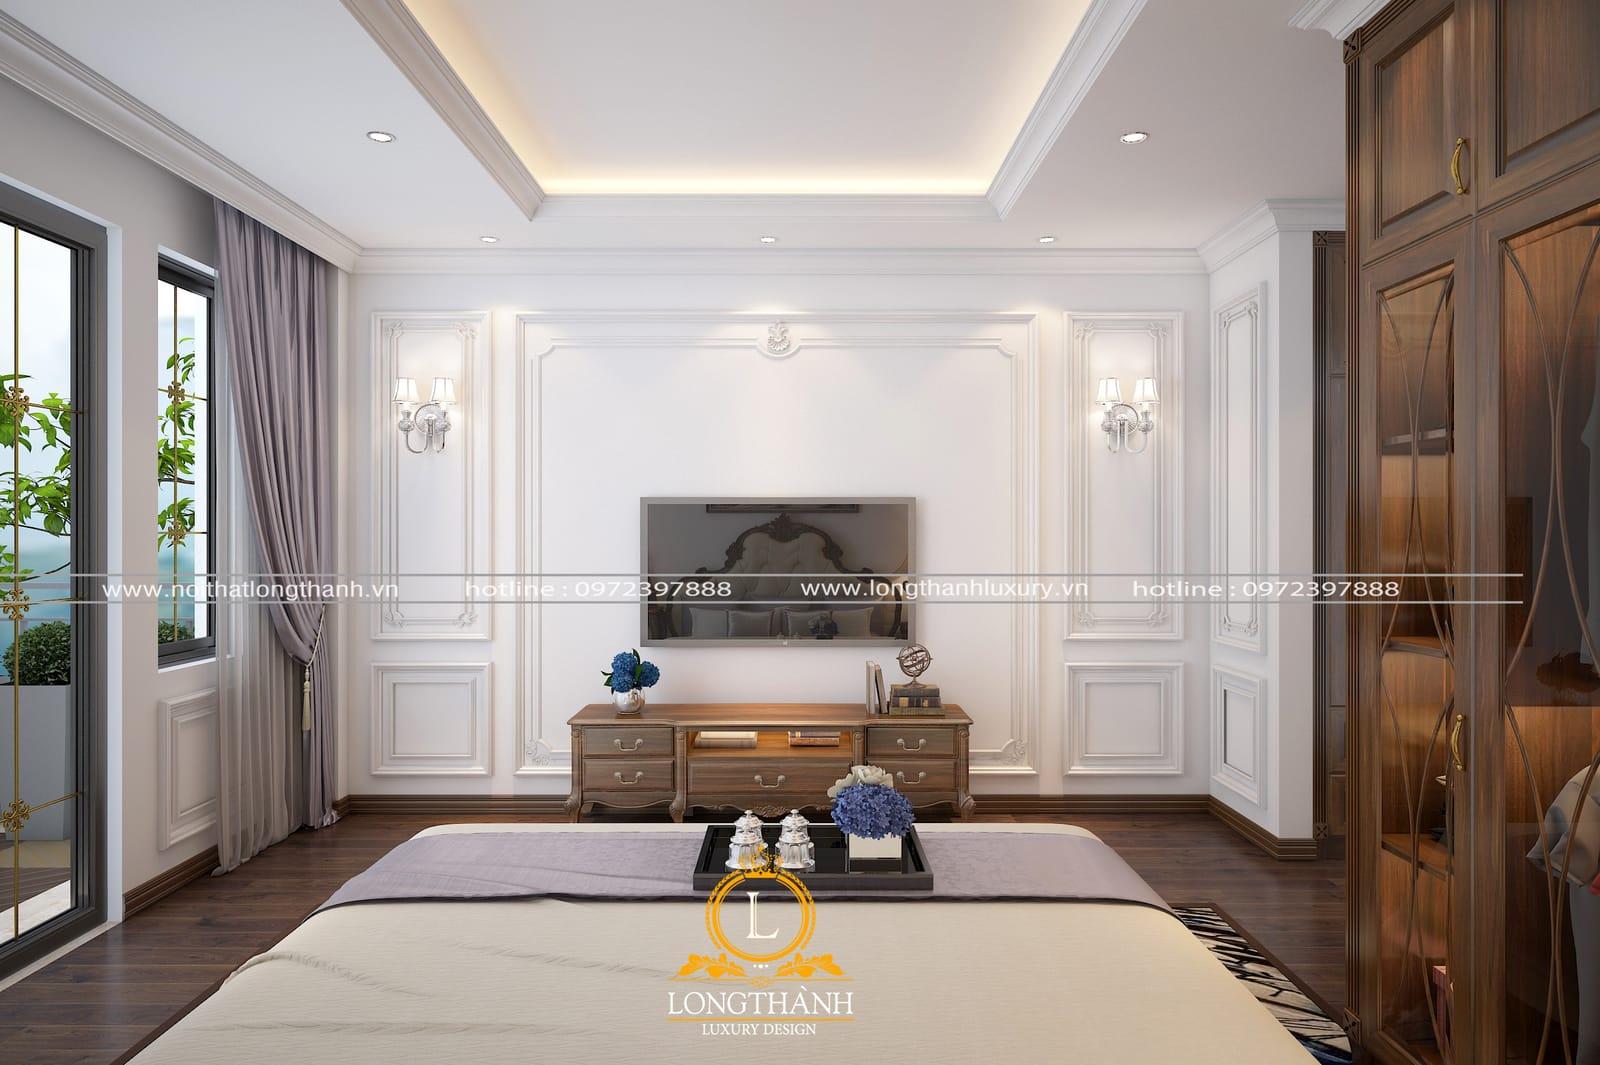 mẫu kệ tivi hiện đại tinh xảo cho phòng ngủ cao cấp